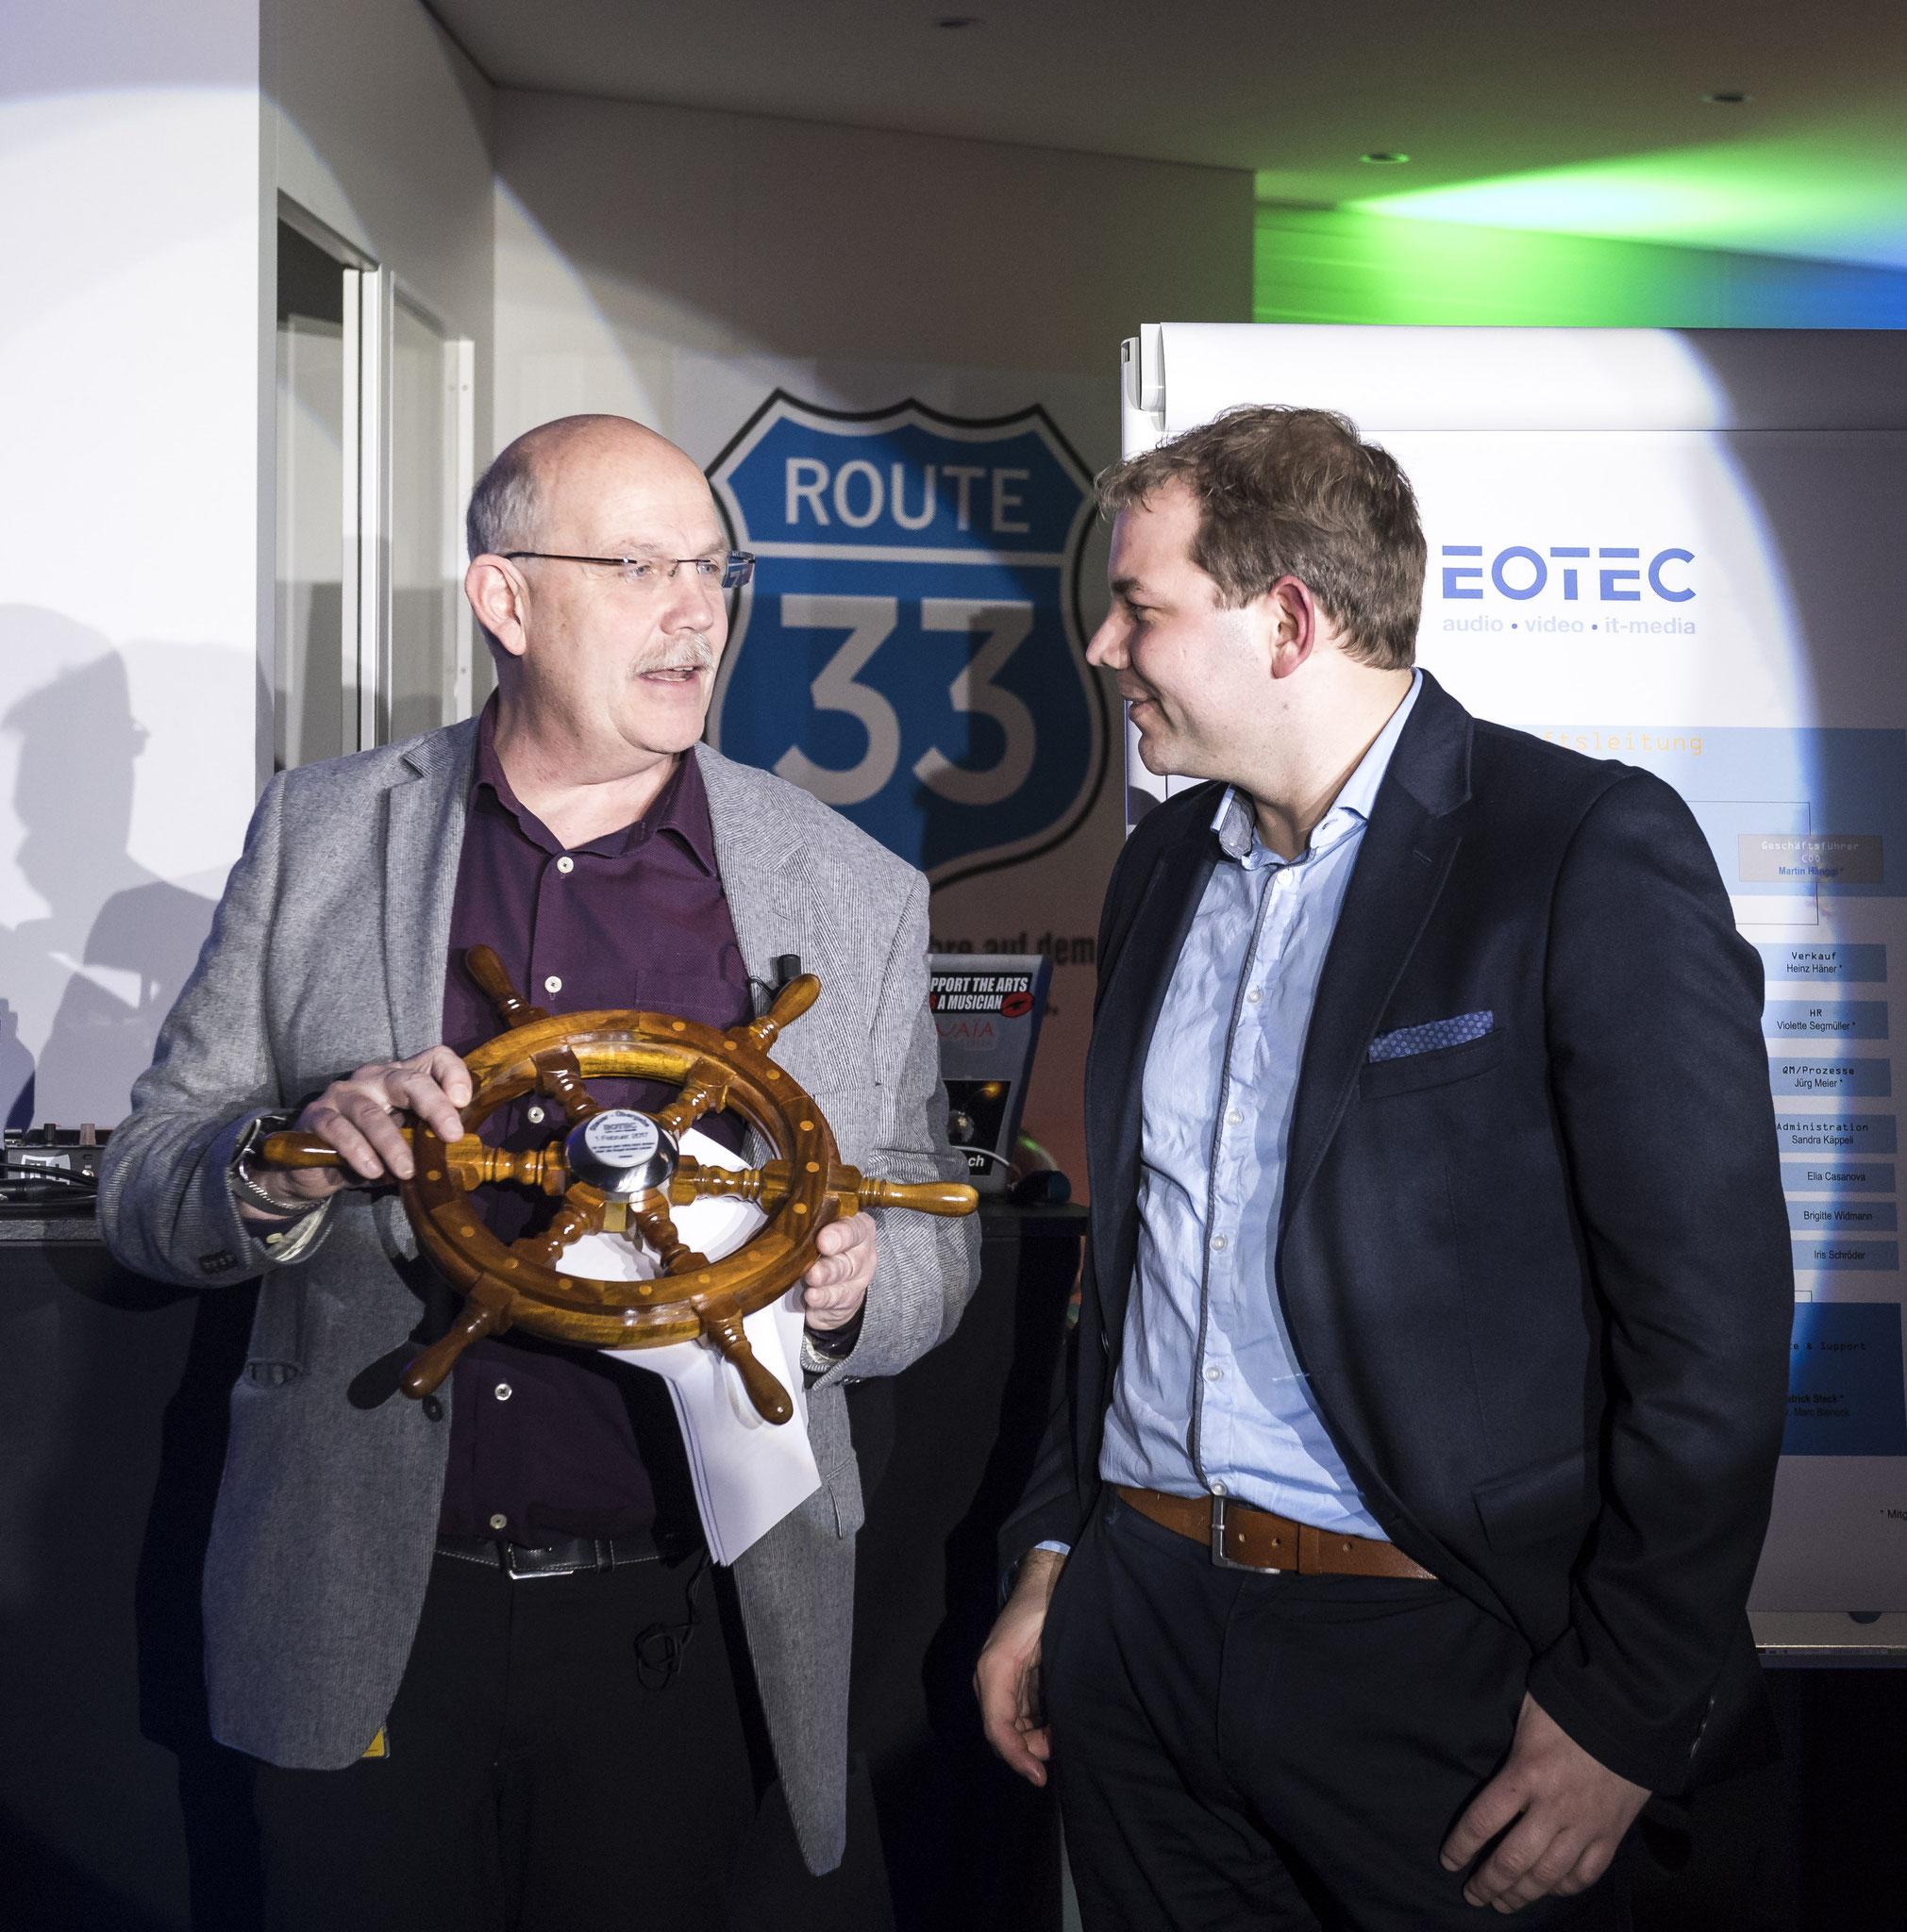 Martin Hänggi und Stefan Schröder 33 Jahre Eotec AG